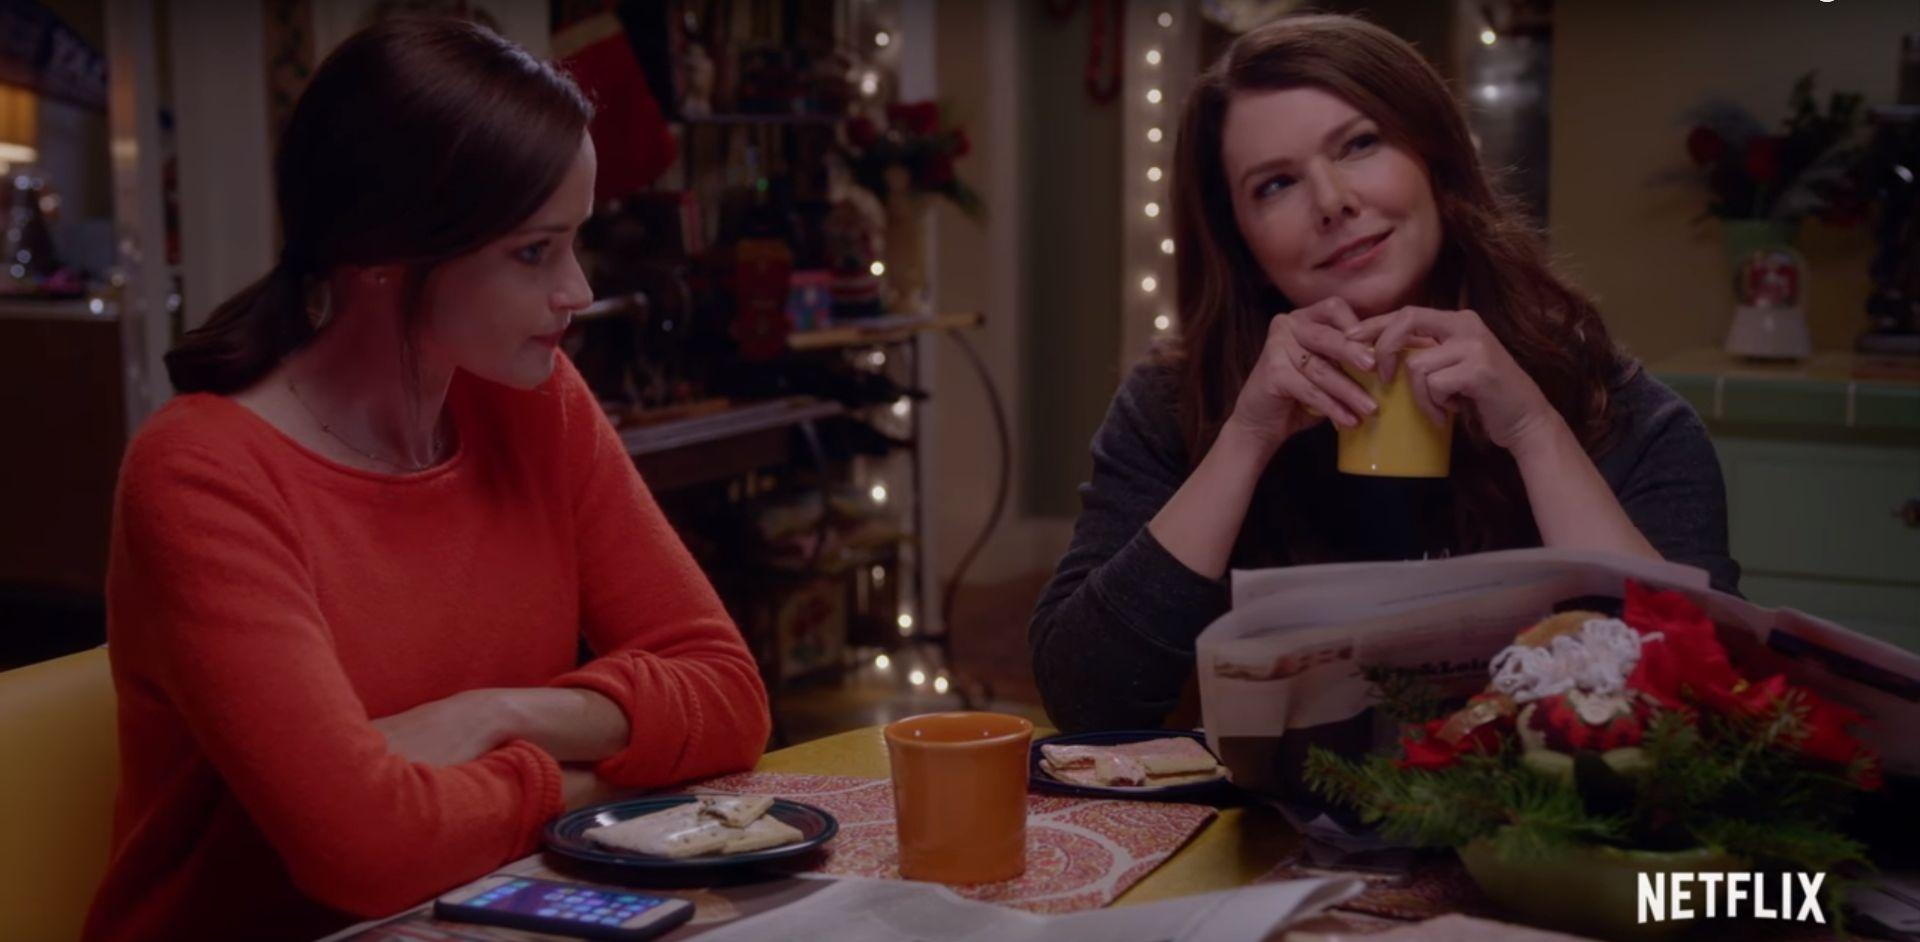 VIDEO: POVRATAK U STARS HOLLW Netflix objavio trailer i datum premijere za 'Gilmore Girls'